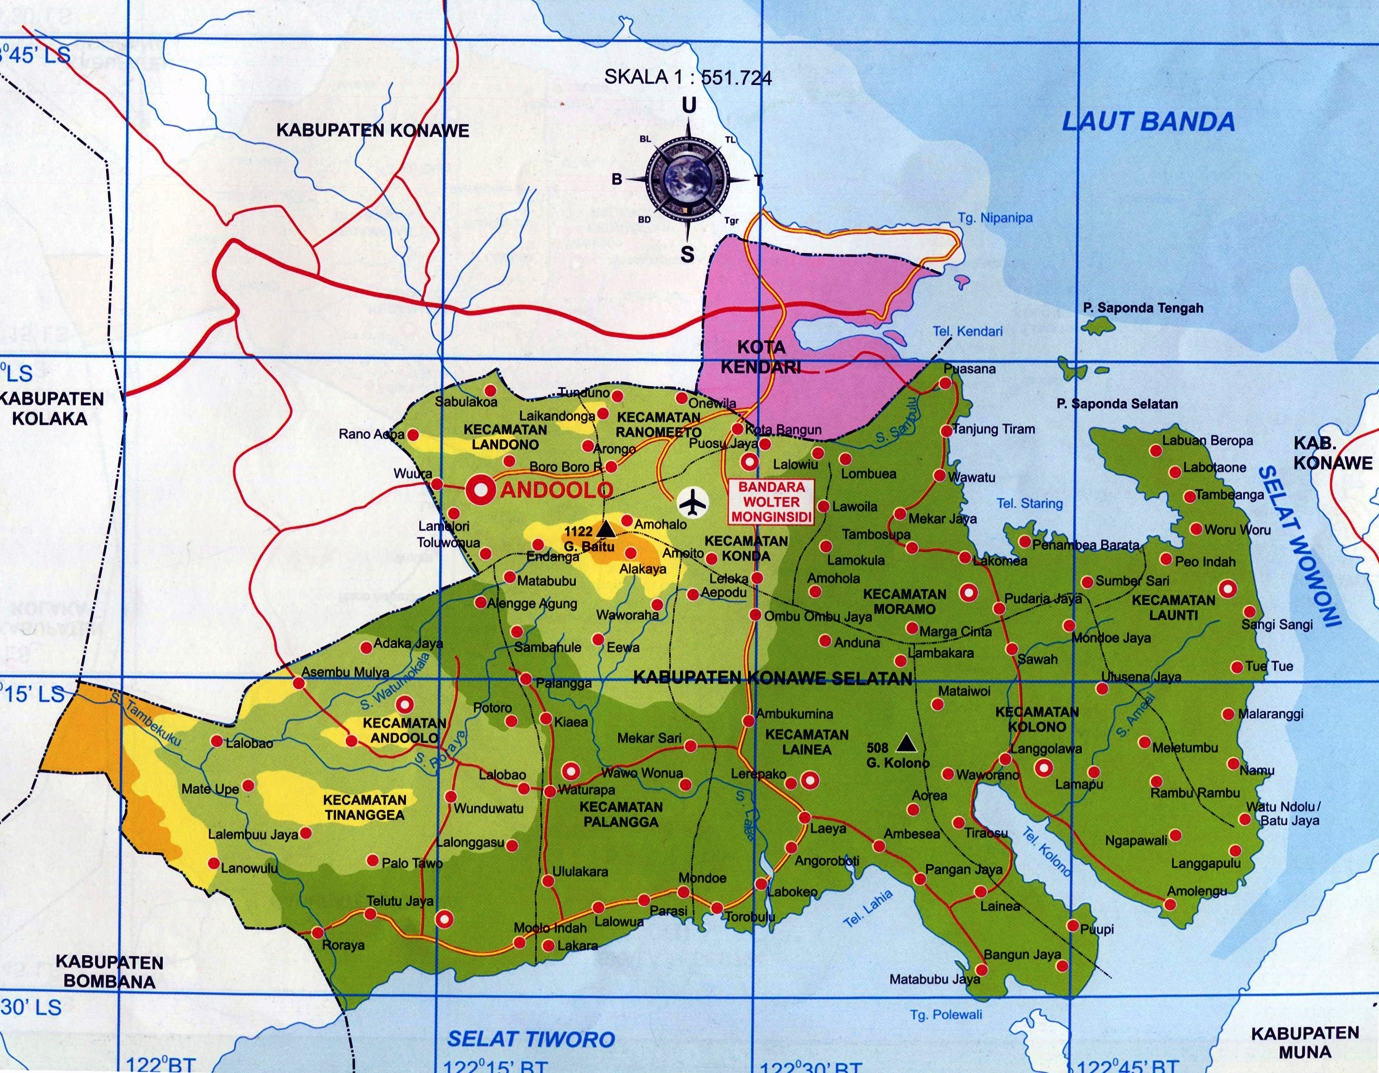 Peta Kota: Peta Kabupaten Konawe Selatan